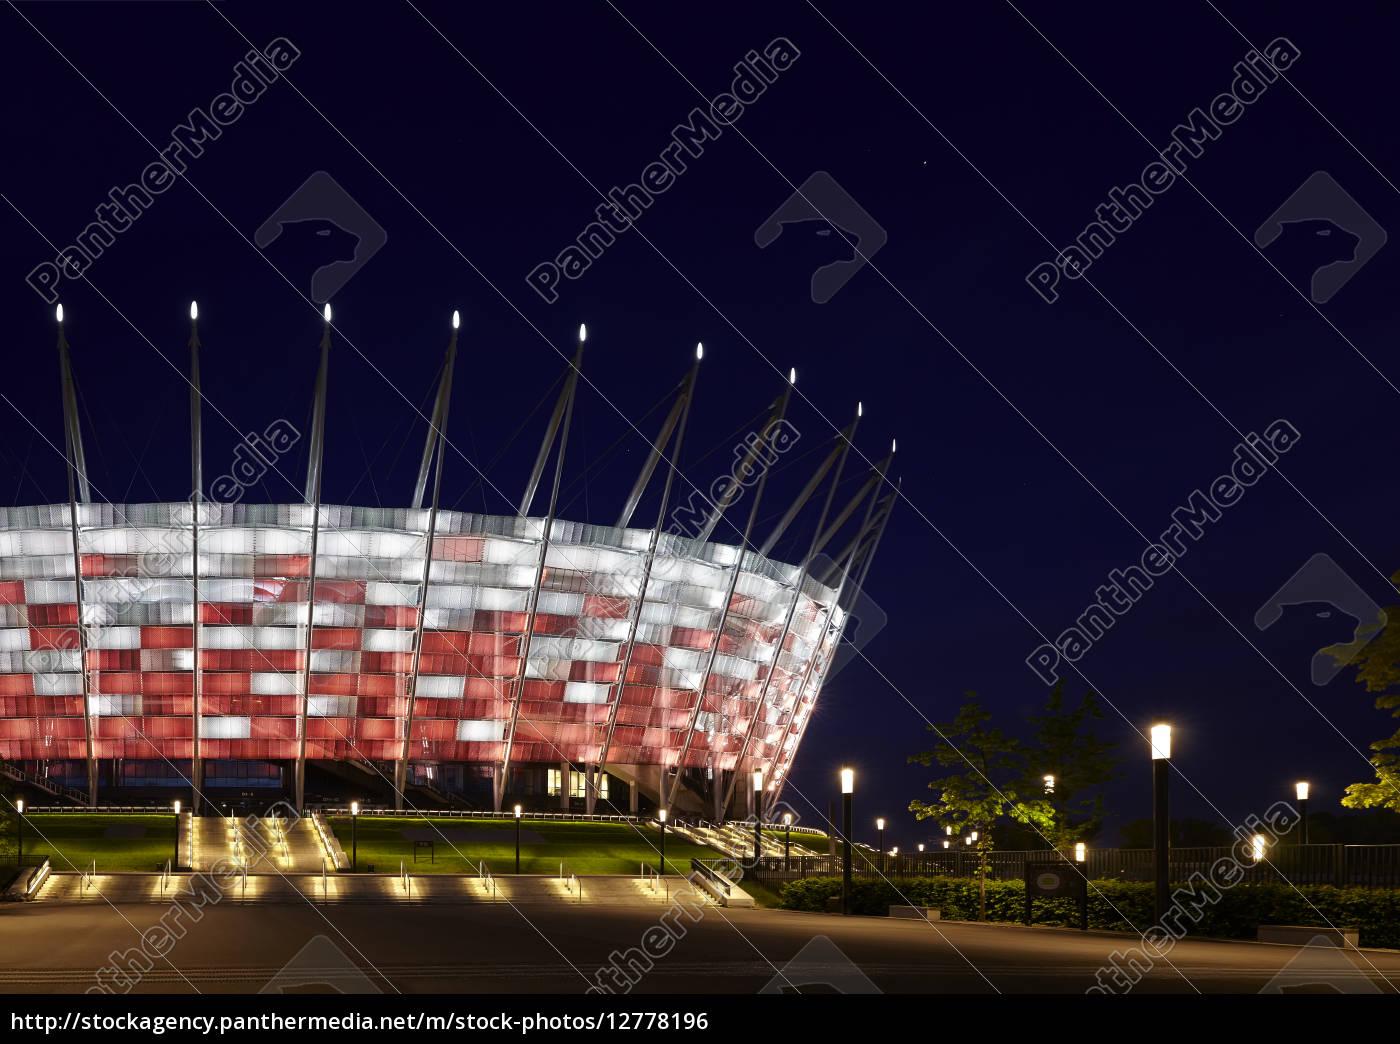 Lizenzfreies Foto 12778196 Fussballstadion In Der Nacht